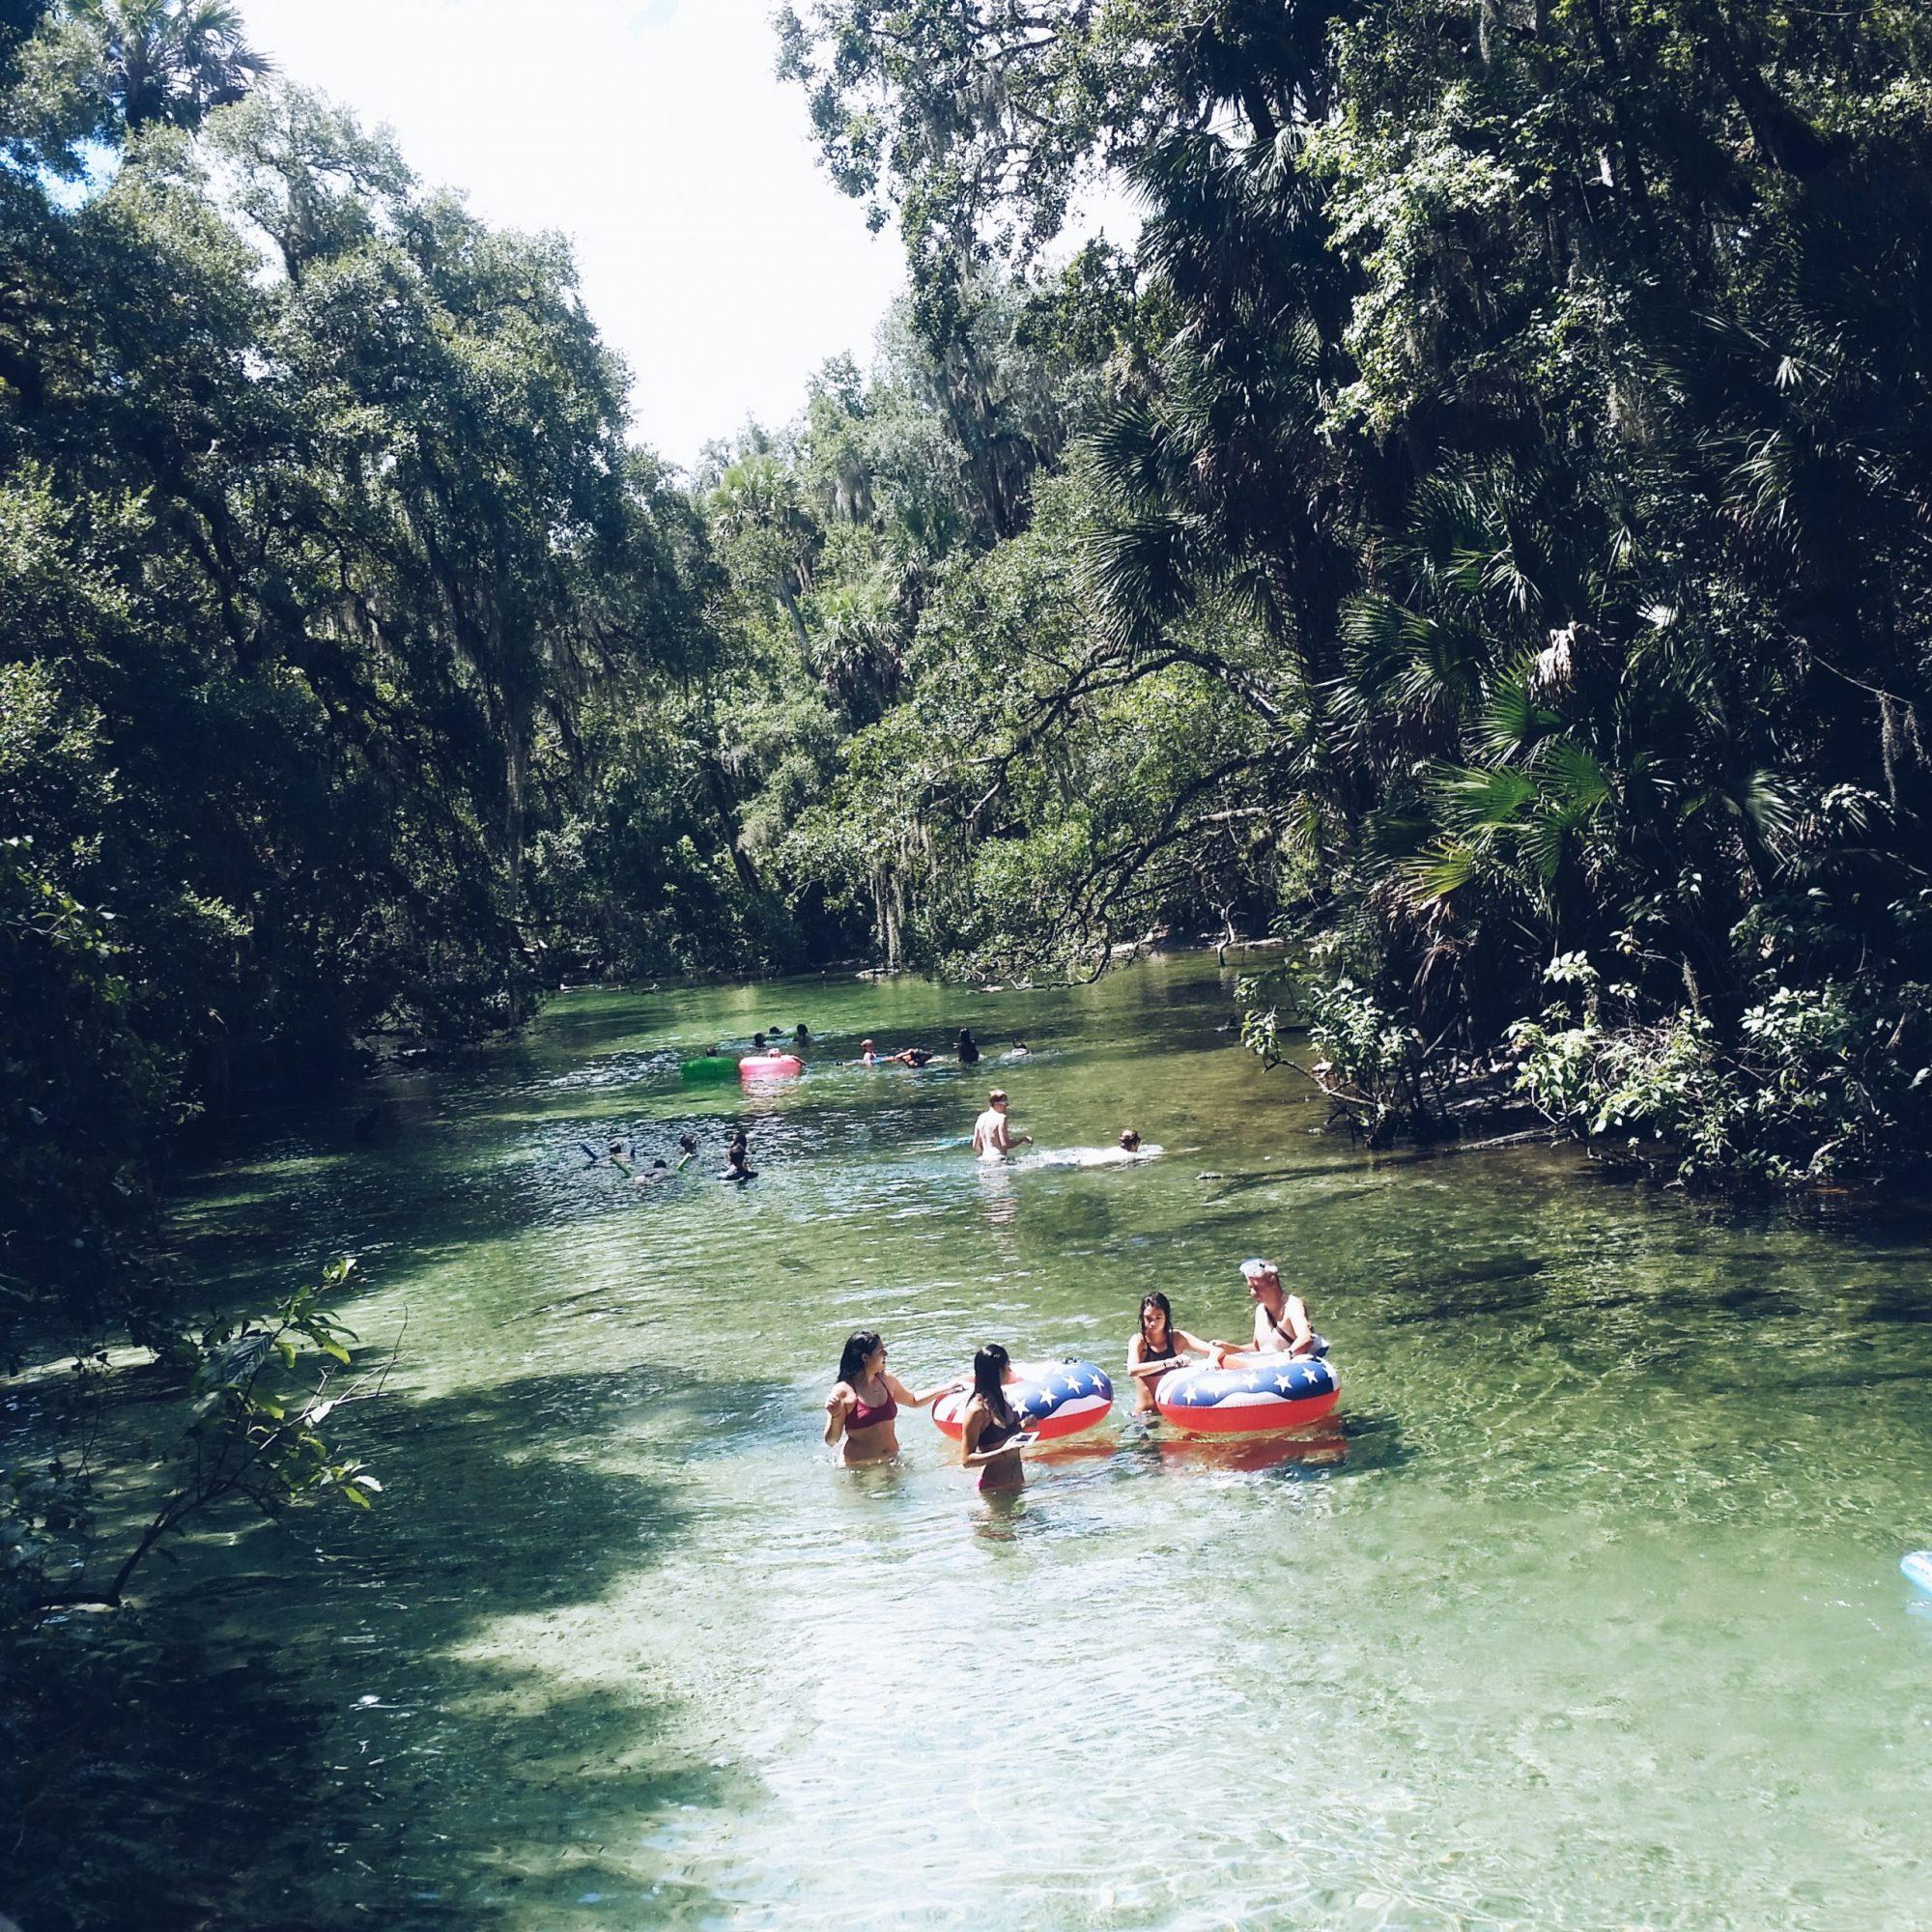 Blue Spring State Park Orlando